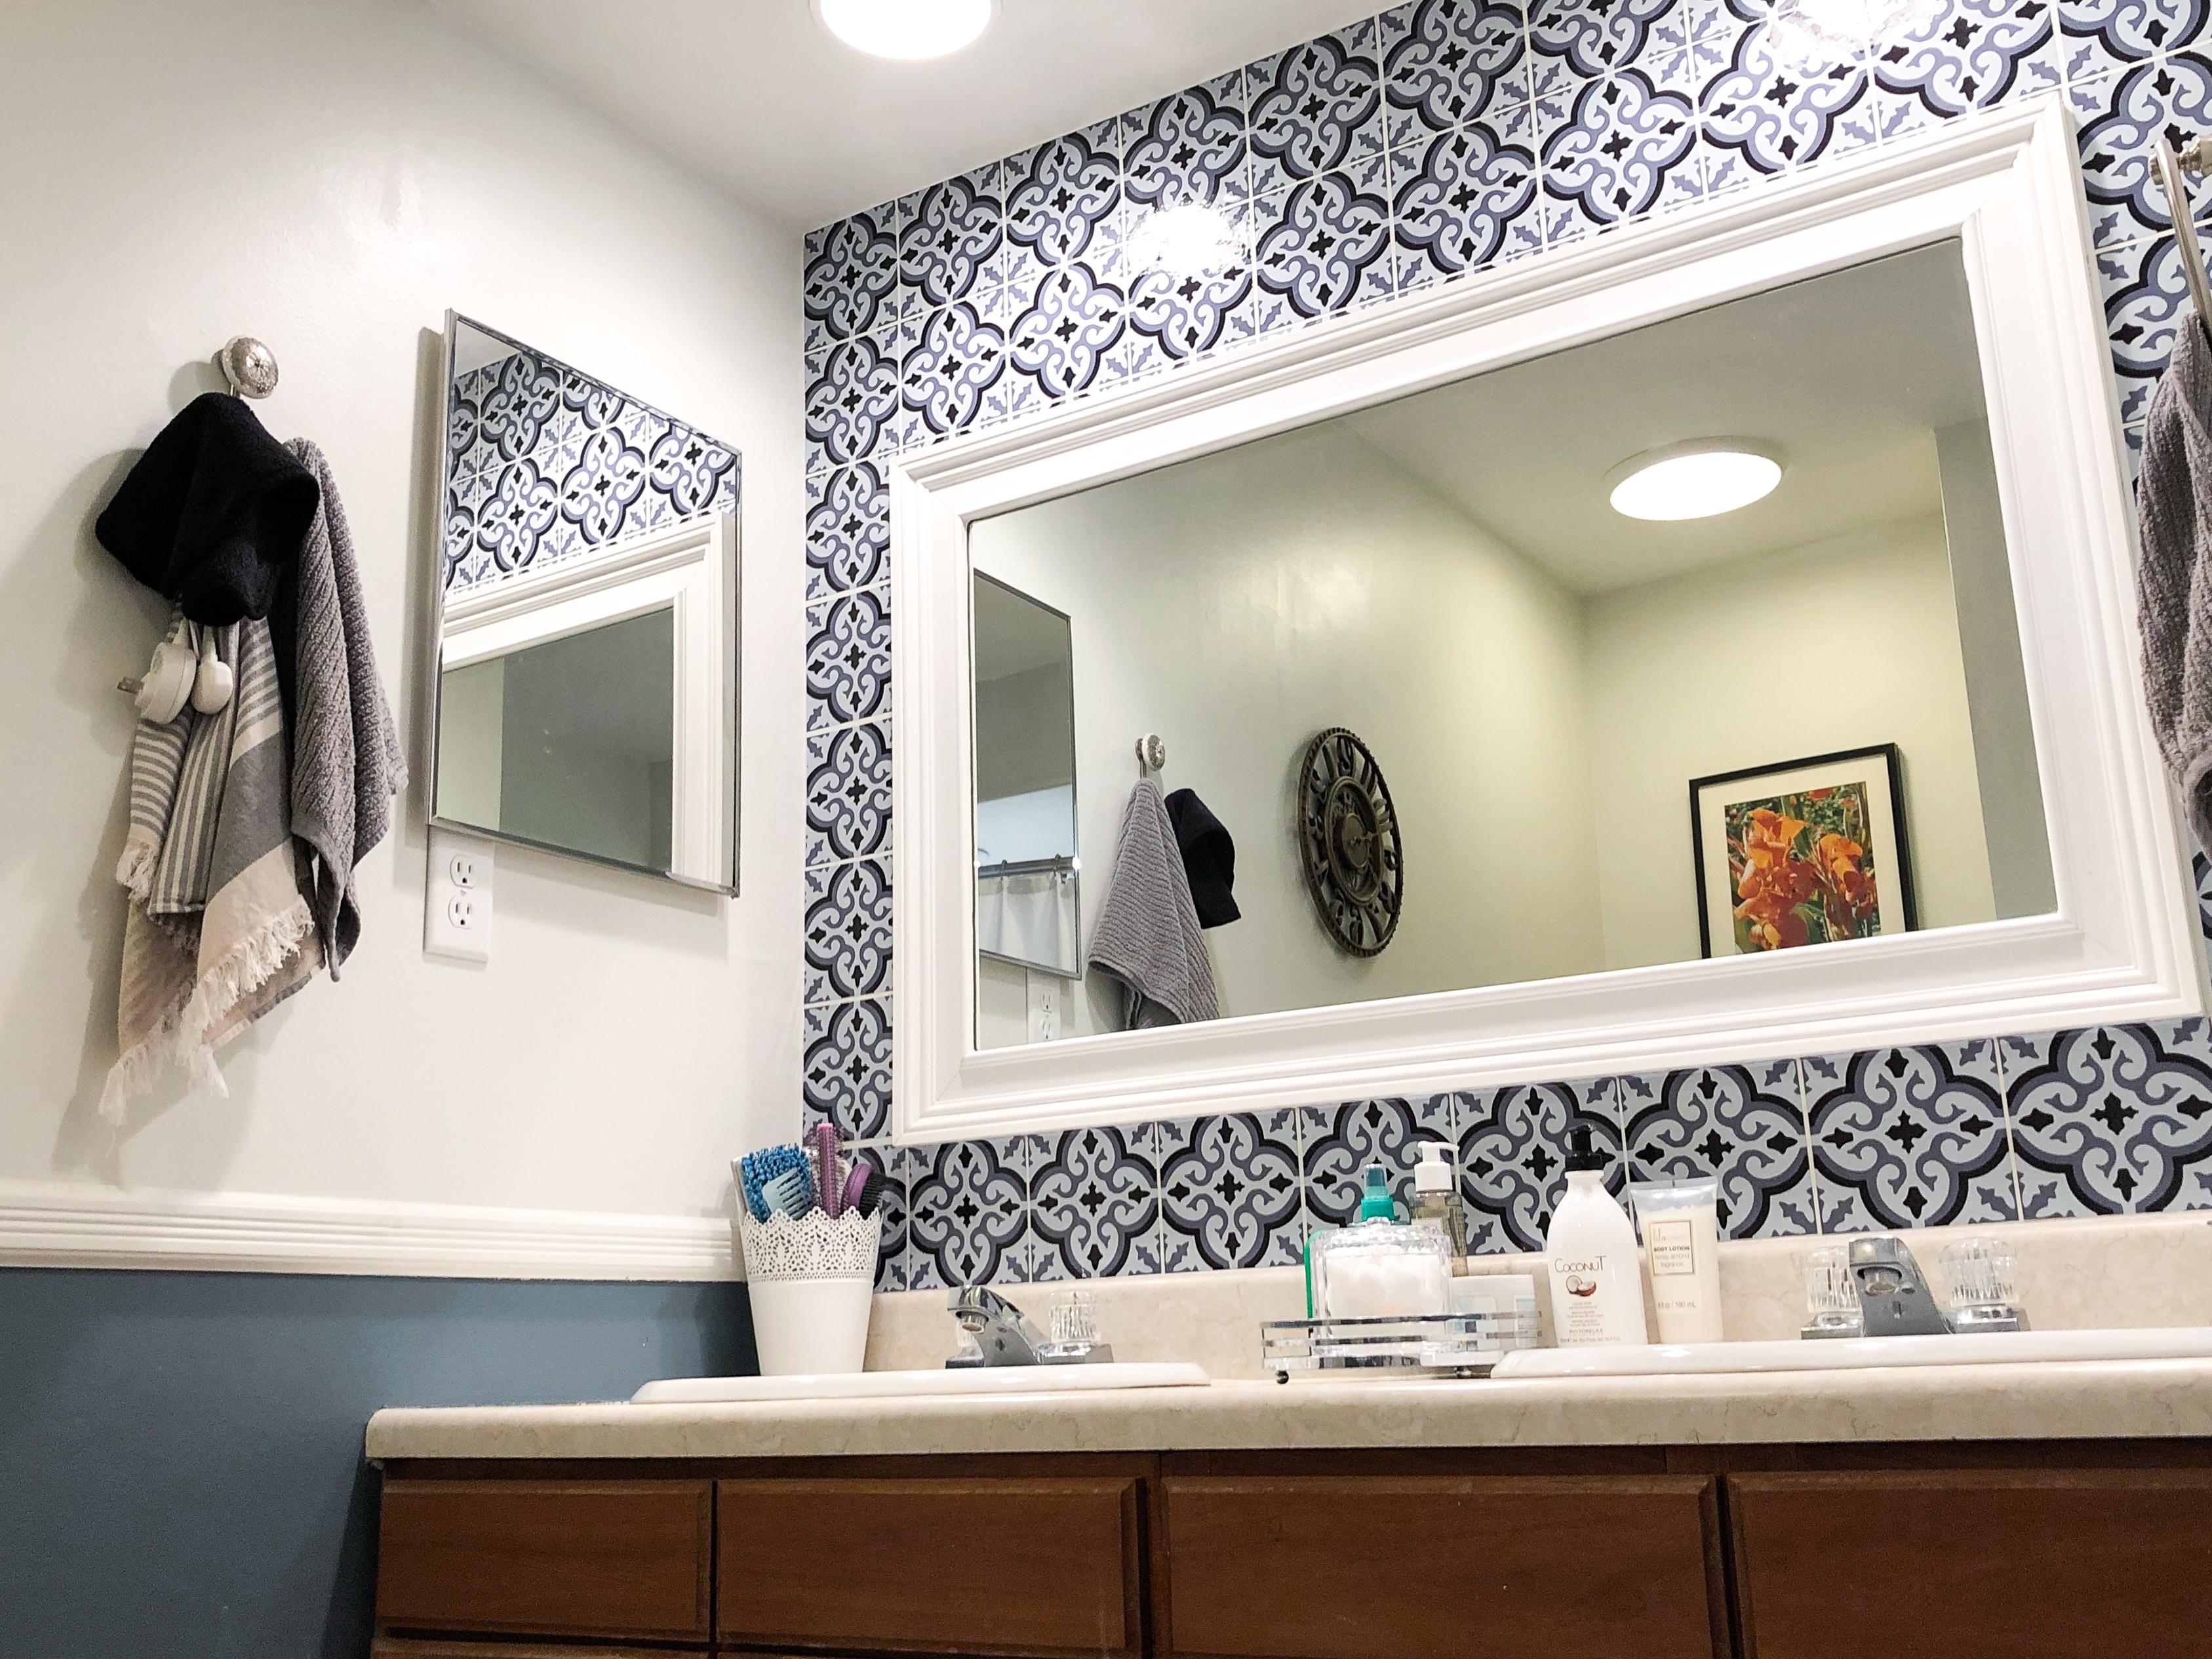 House Tour // Bathroom